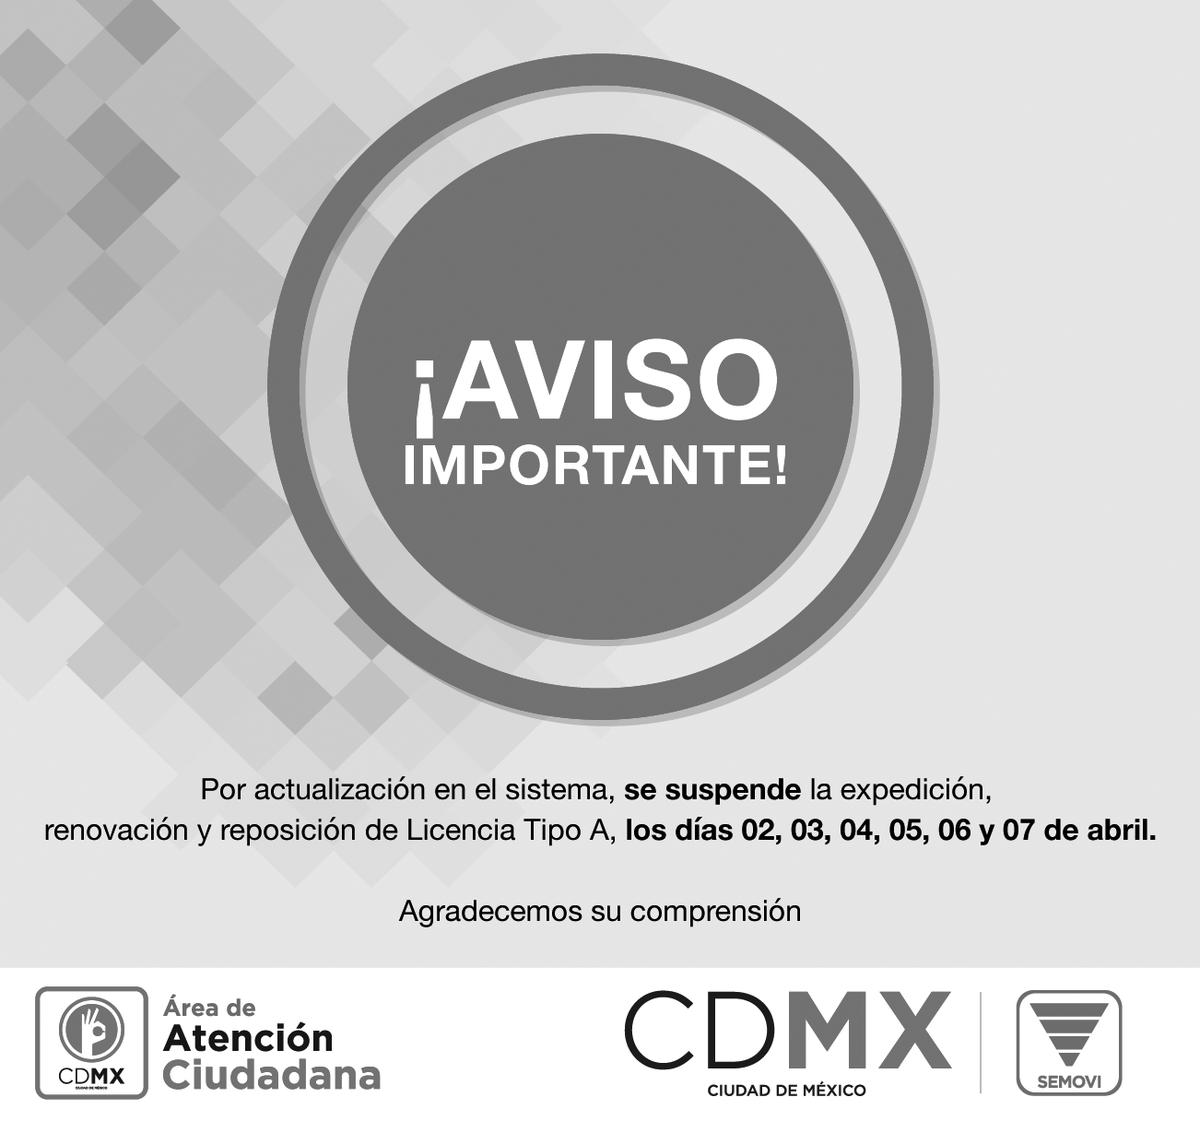 Secretaría De Movilidad Cdmx On Twitter Efectivamente El